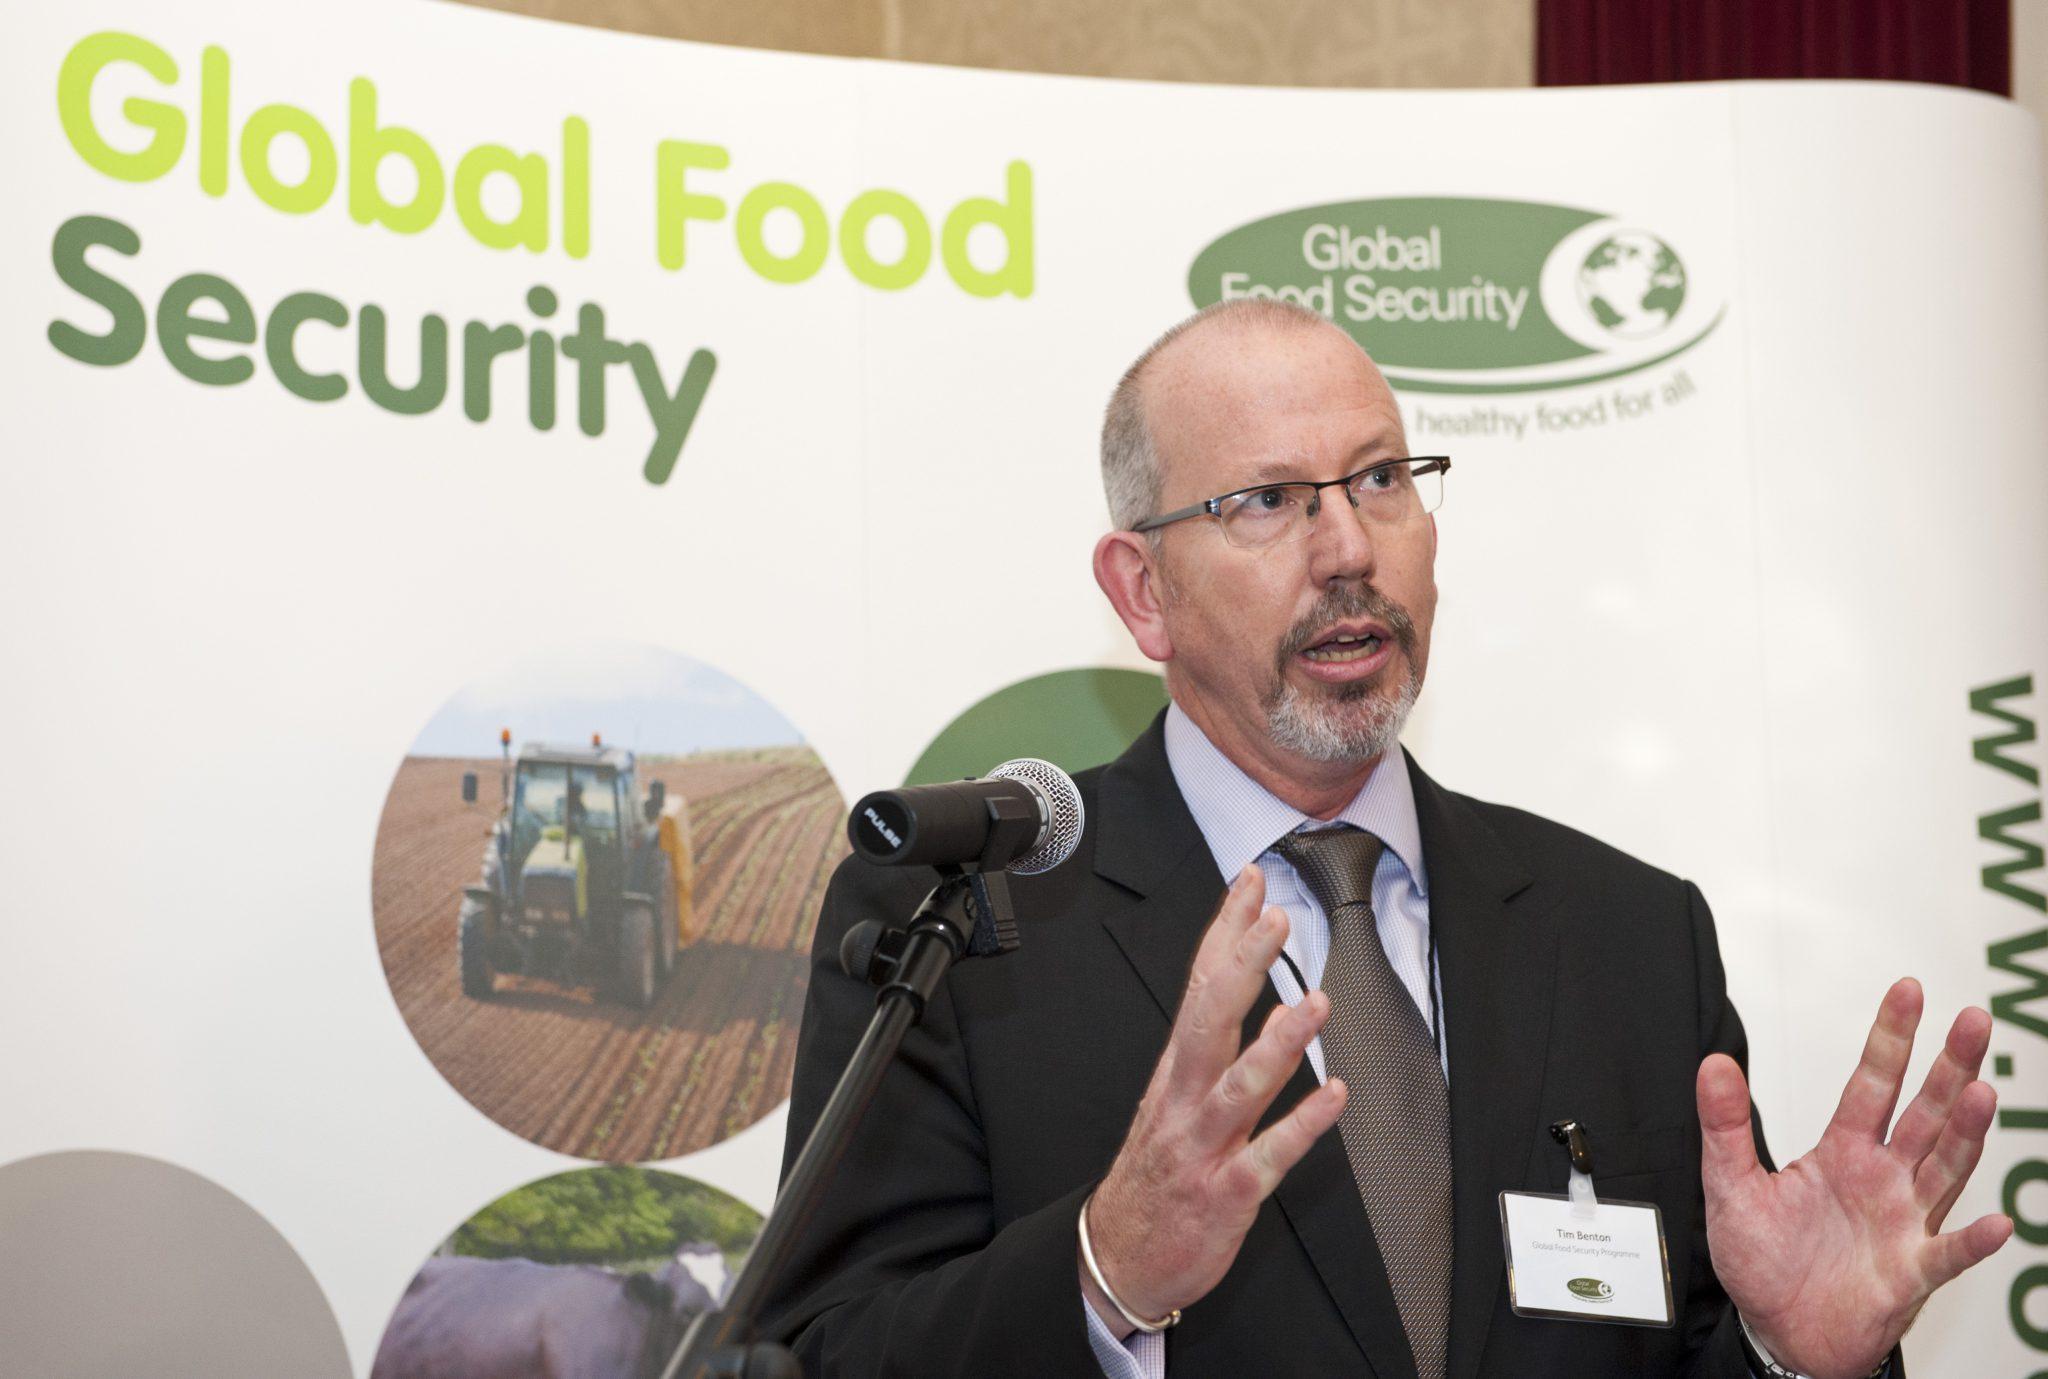 Tim Benton speaking at an event